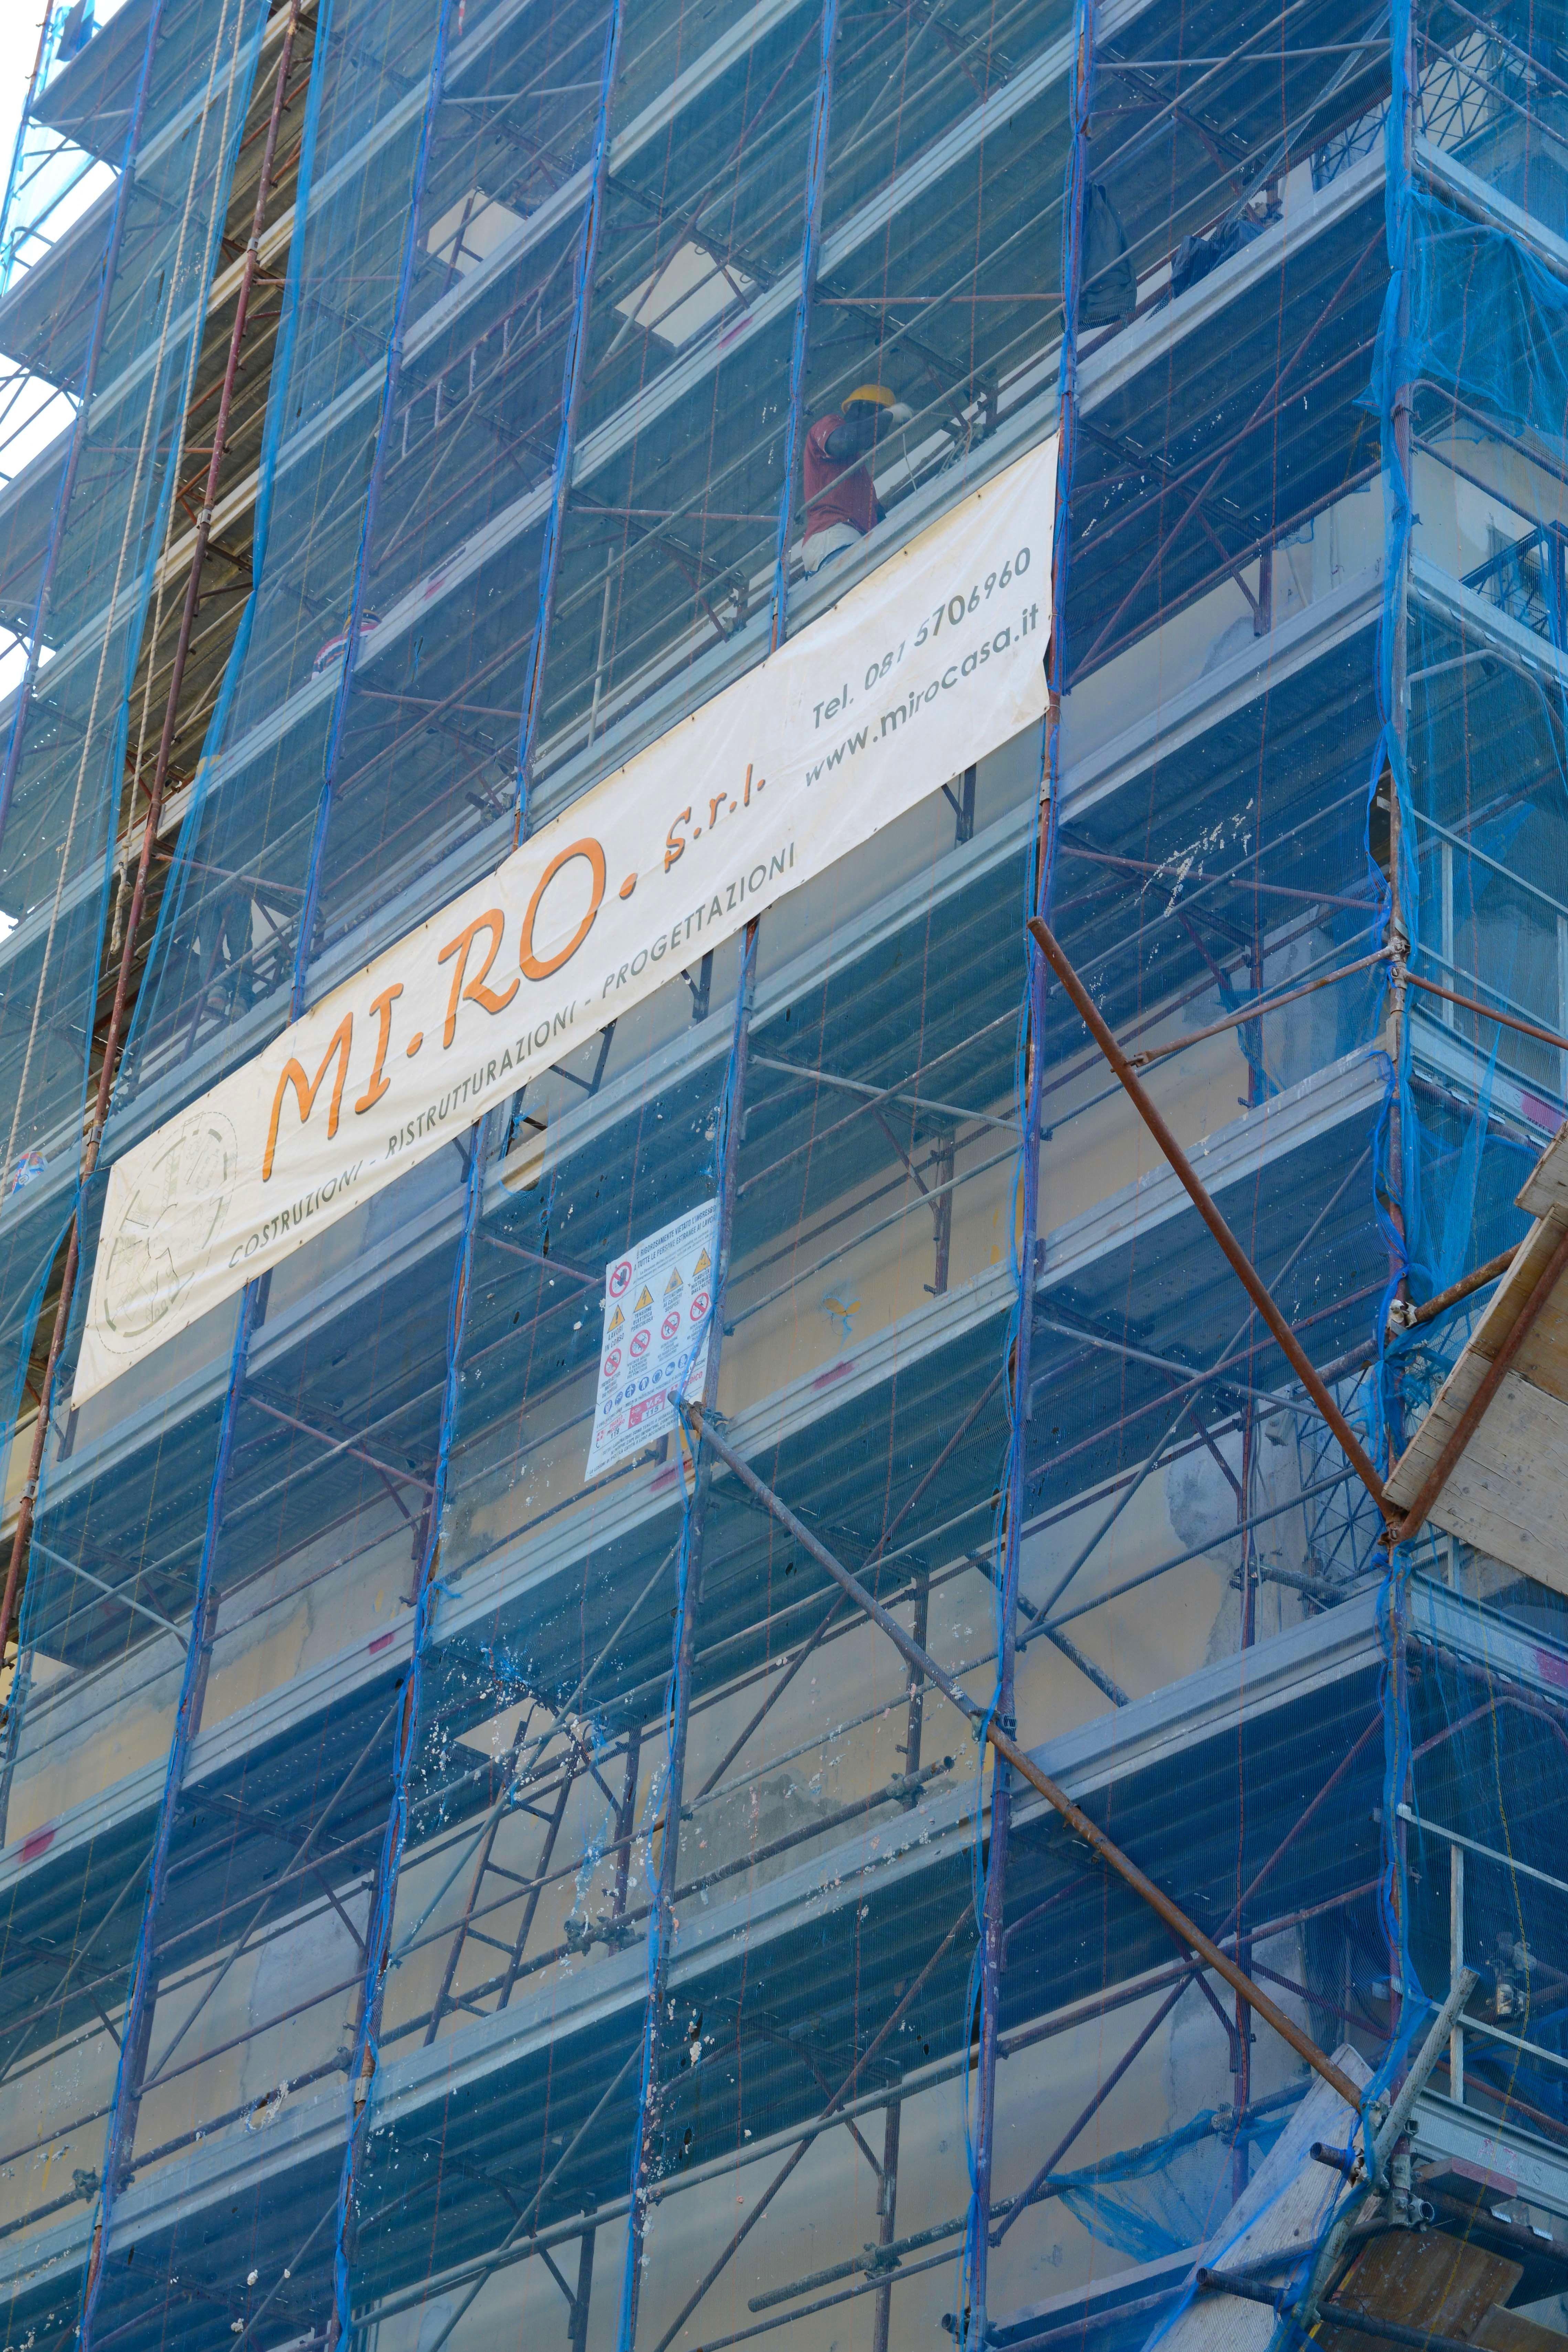 Imprese Di Costruzioni Campania la tua #casa necessita di #lavori #edili e opere di